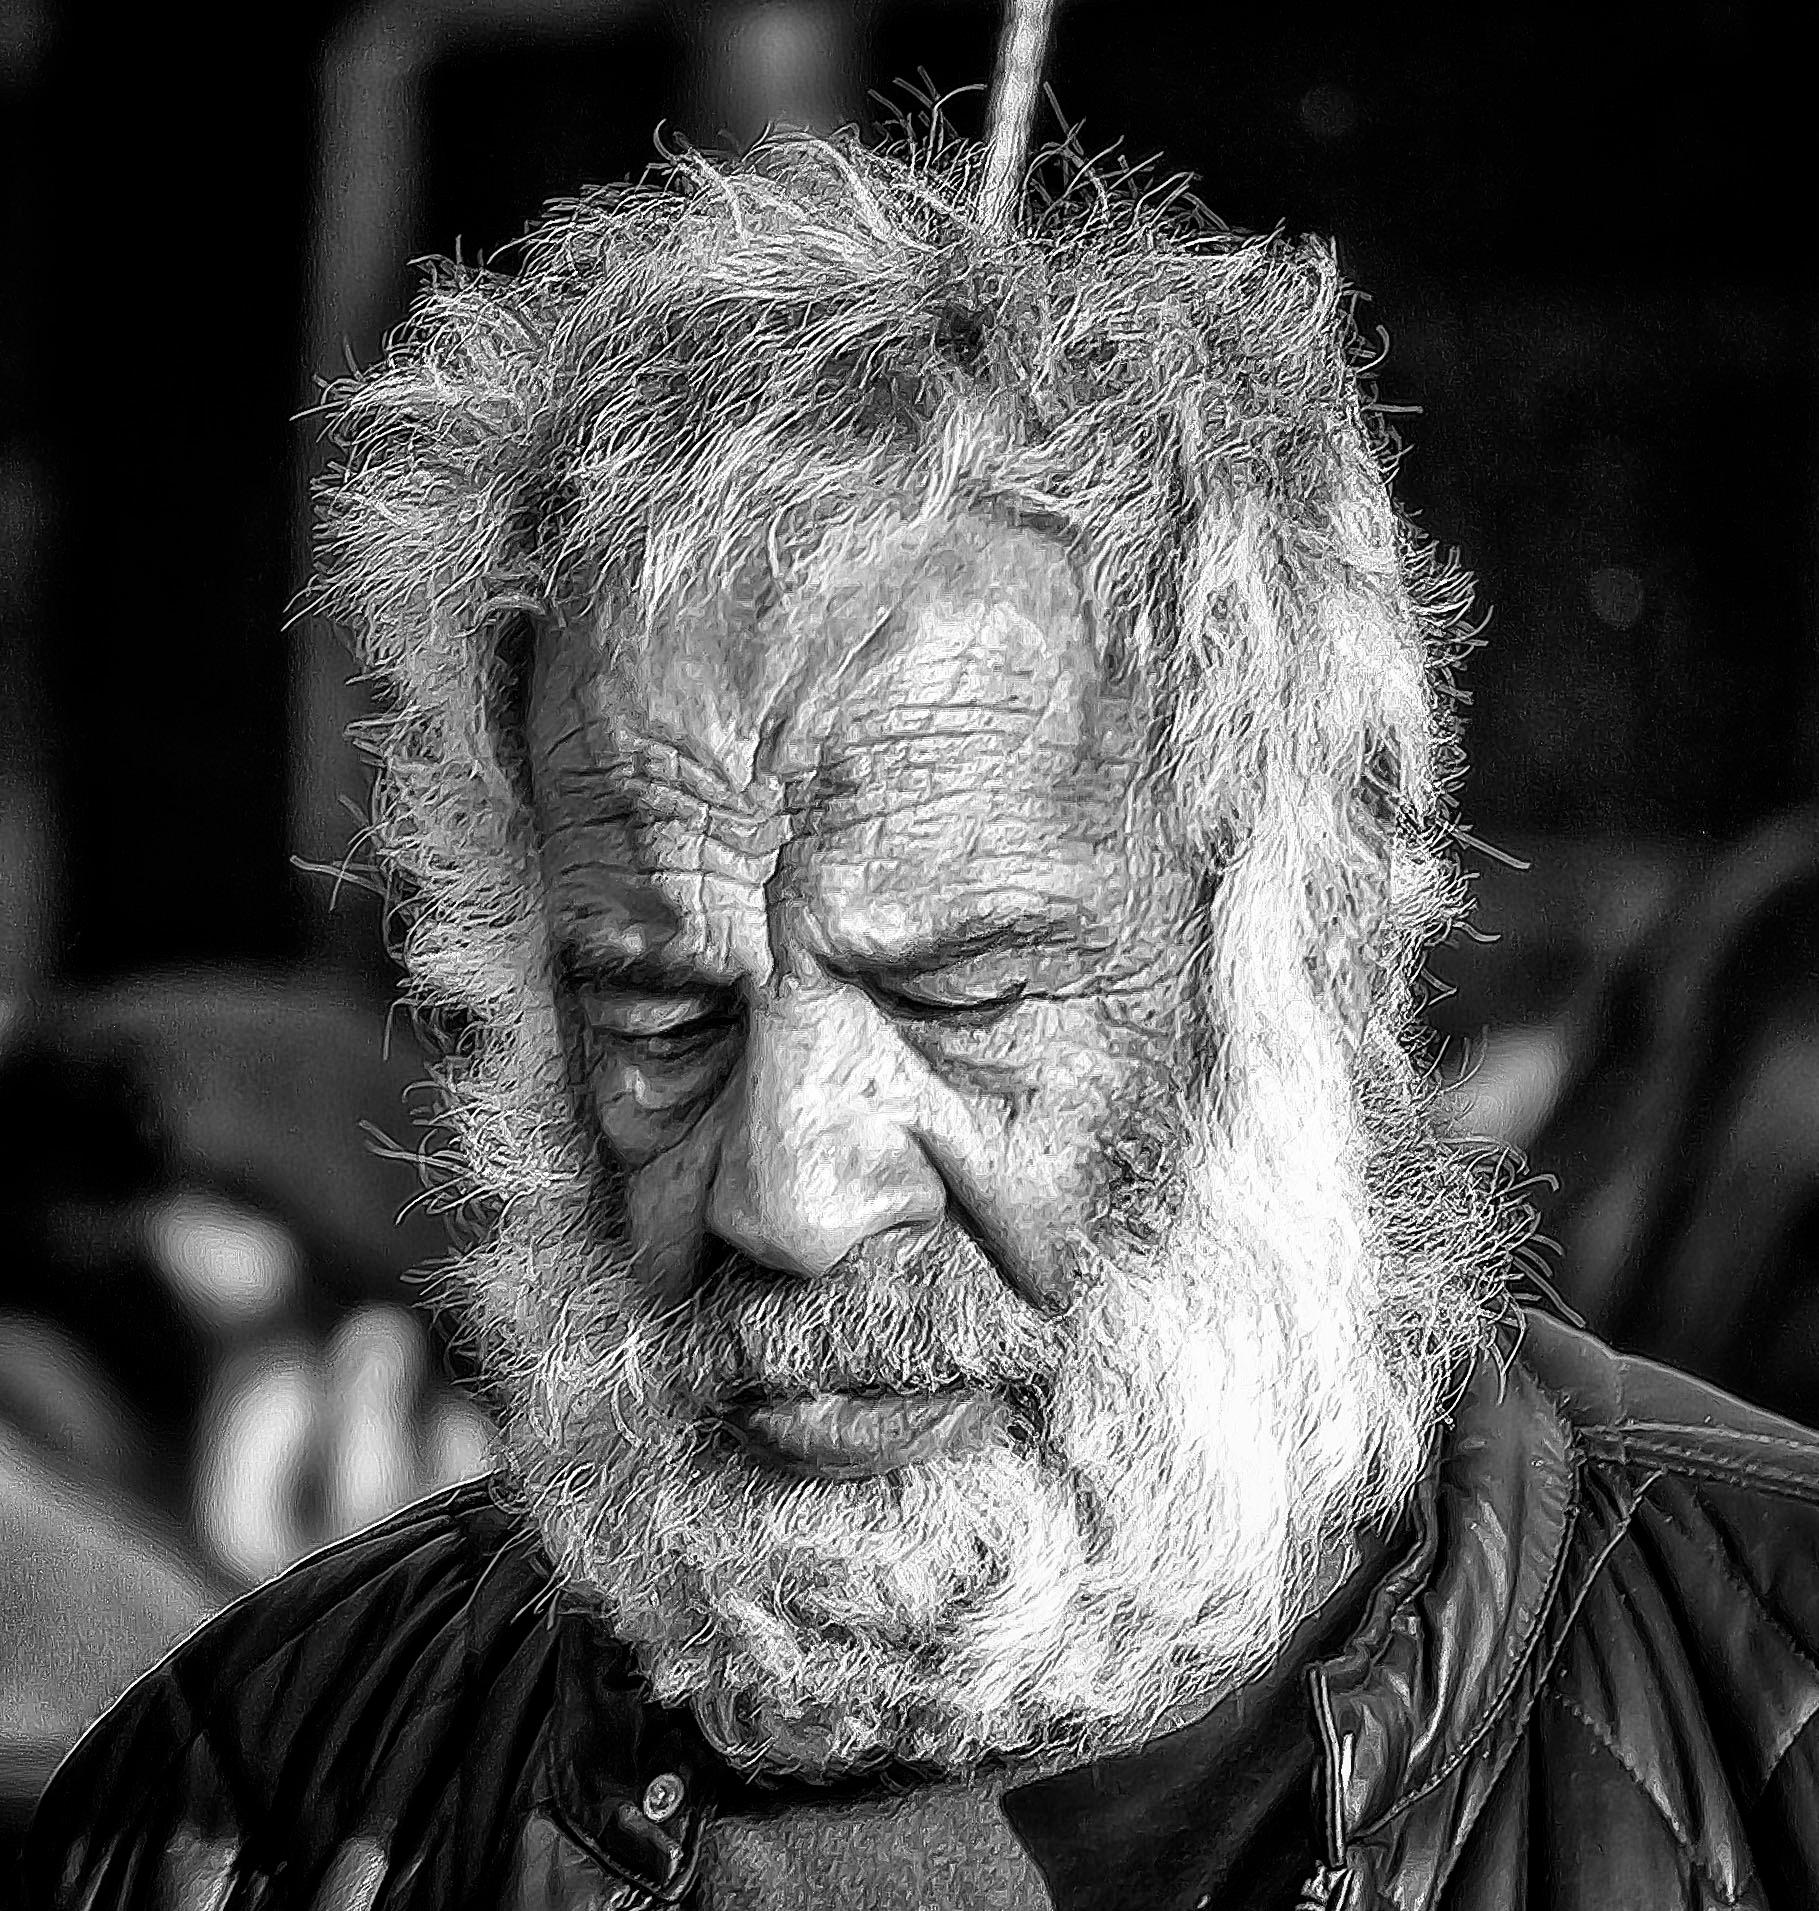 Street Portrait 1 by michaelheard1962